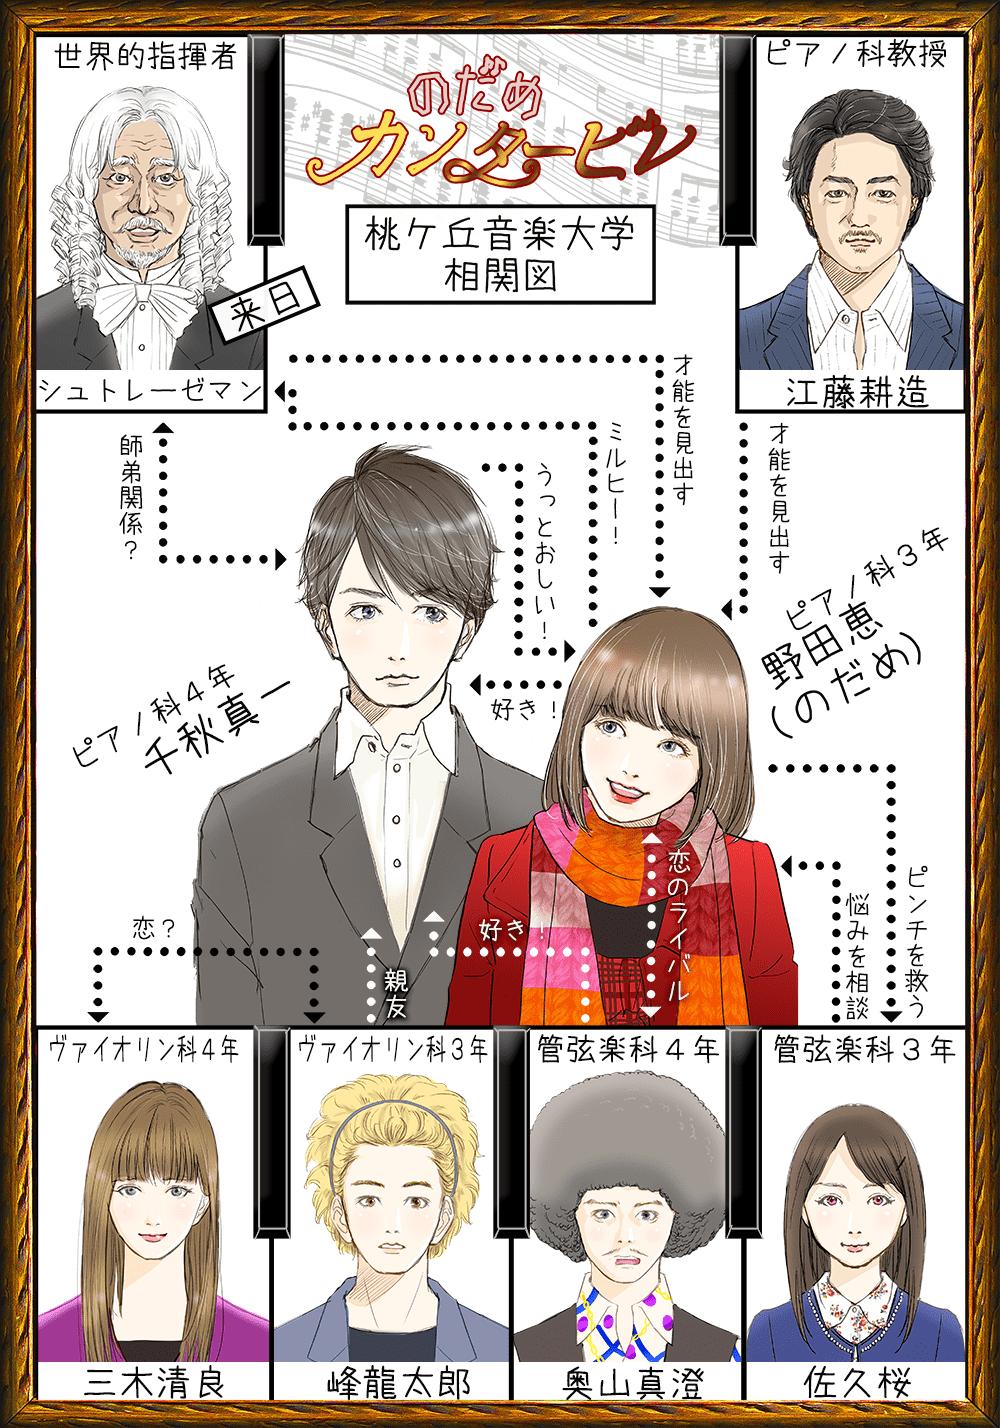 のだめカンタービレ ドラマ 動画